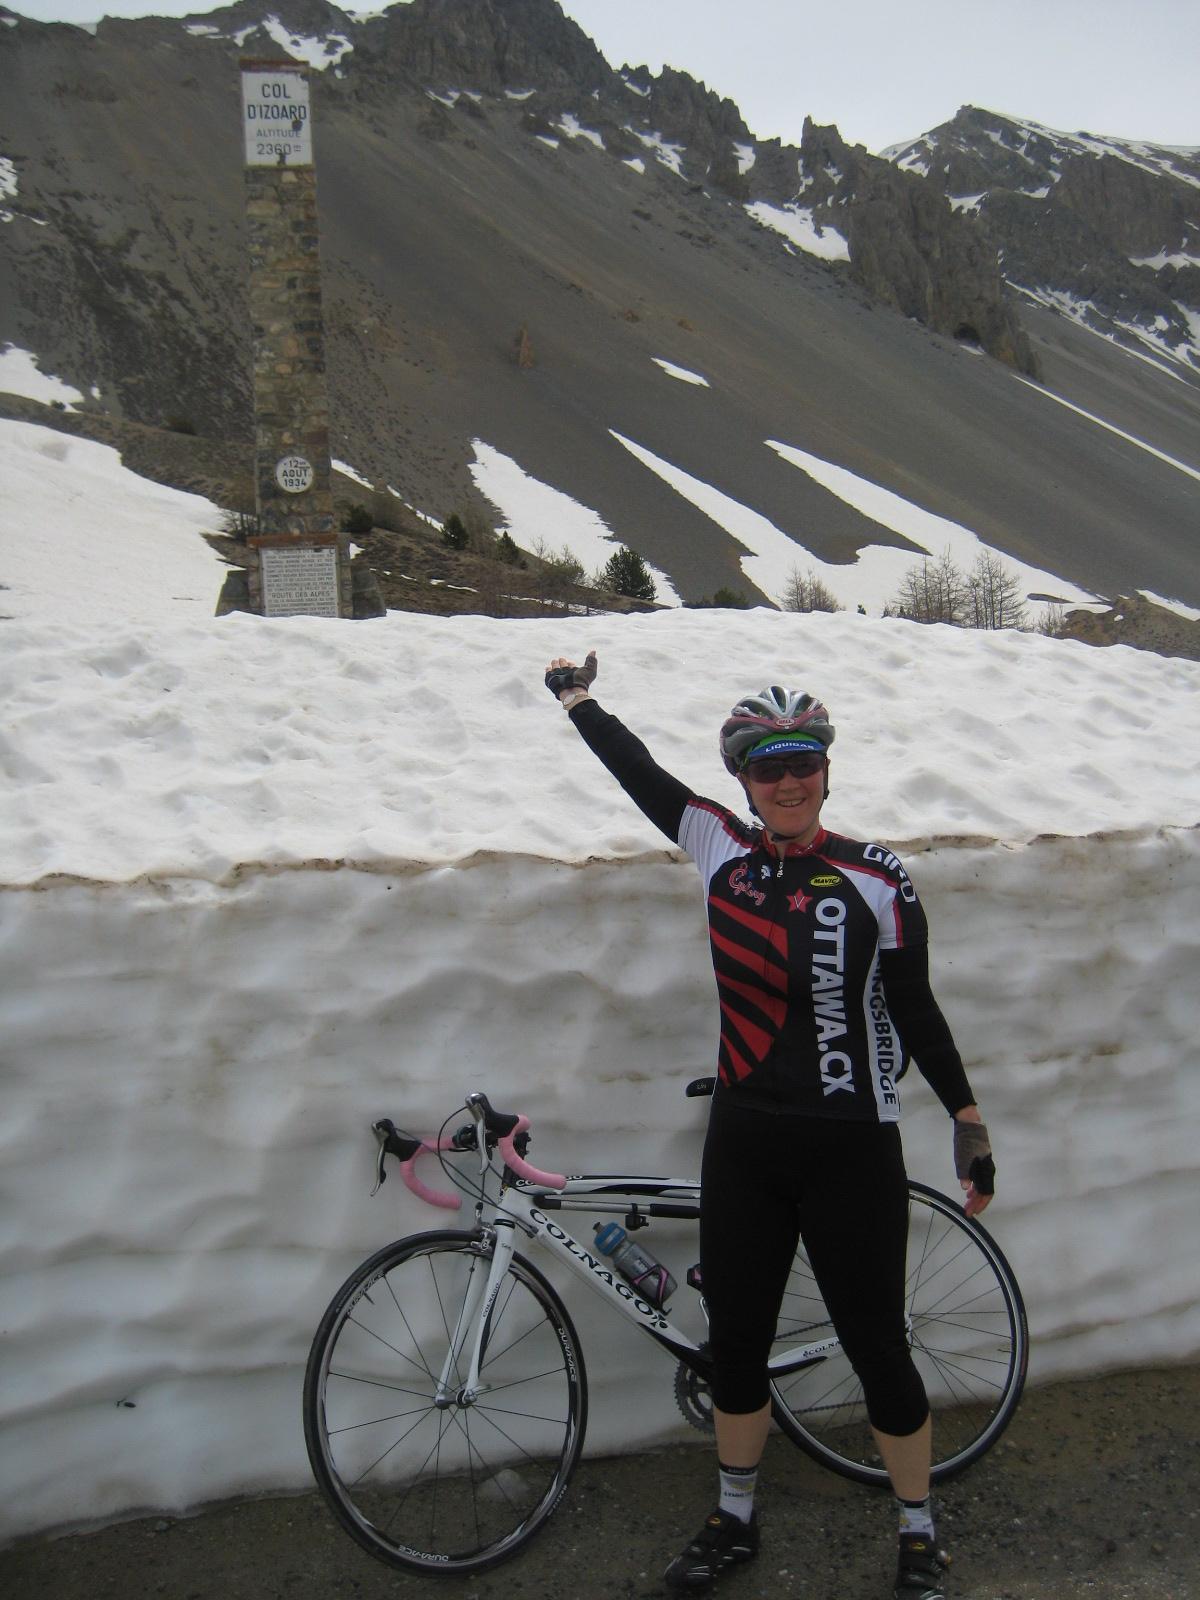 Sheri at the Summit of Col de l'Izoard